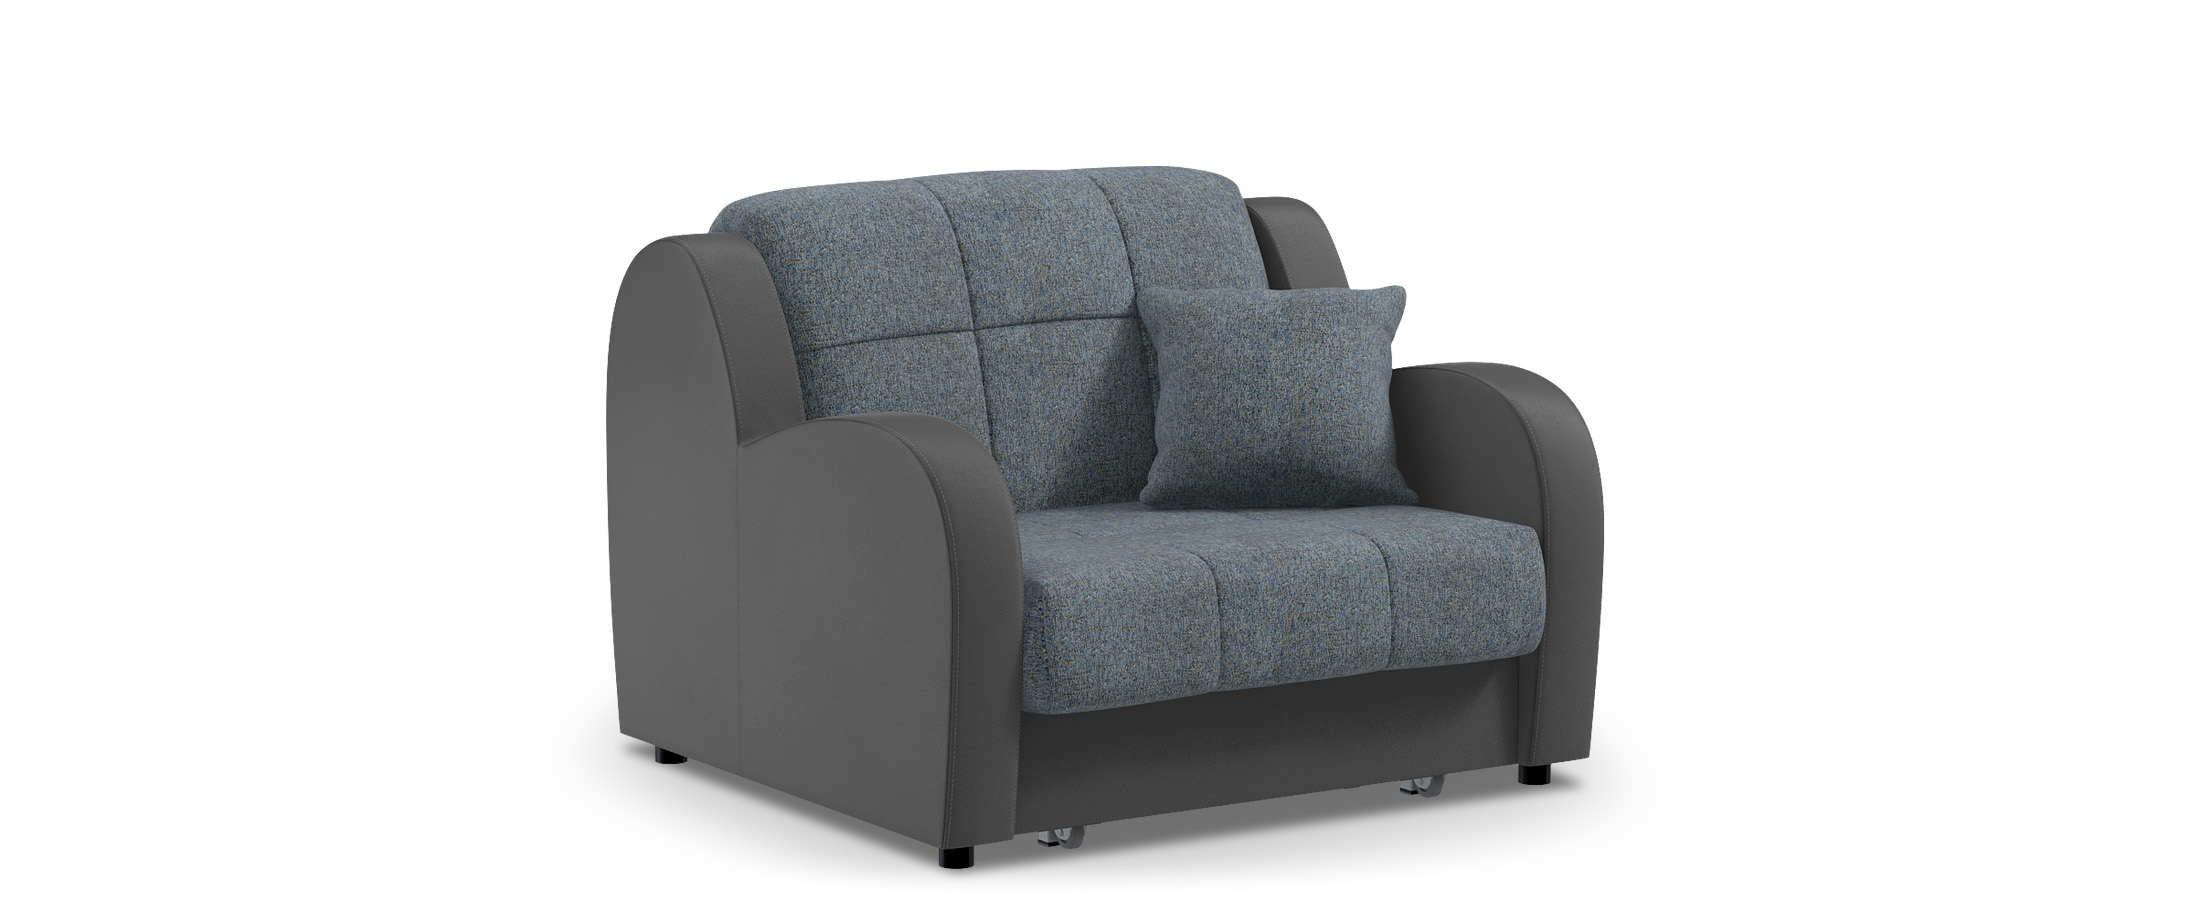 Кресло раскладное Барон 022Купить синее кресло-кровать Барон 022. Доставка от 1 дня. Подъём, сборка, вынос упаковки. Гарантия 18 месяцев. Интернет-магазин мебели MOON-TRADE.RU. Артикул: 001762.<br><br>Ширина спального места см: 88<br>Глубина спального места см: 204<br>Ширина см: 113<br>Глубина см: 104<br>Высота см: 88<br>Глубина посадочного места см: 60<br>Основание: Берёзовые латы<br>Механизм: Аккордеон<br>Жёсткость: Жёсткий<br>Бельевой короб: Нет<br>Чехол: Съёмный<br>Код ткани: 36-125, 68-36<br>Цвет: Серый, Синий<br>Материал: Рогожка, Экокожа<br>Мягкий настил: ППУ<br>Каркас: Металлокаркас